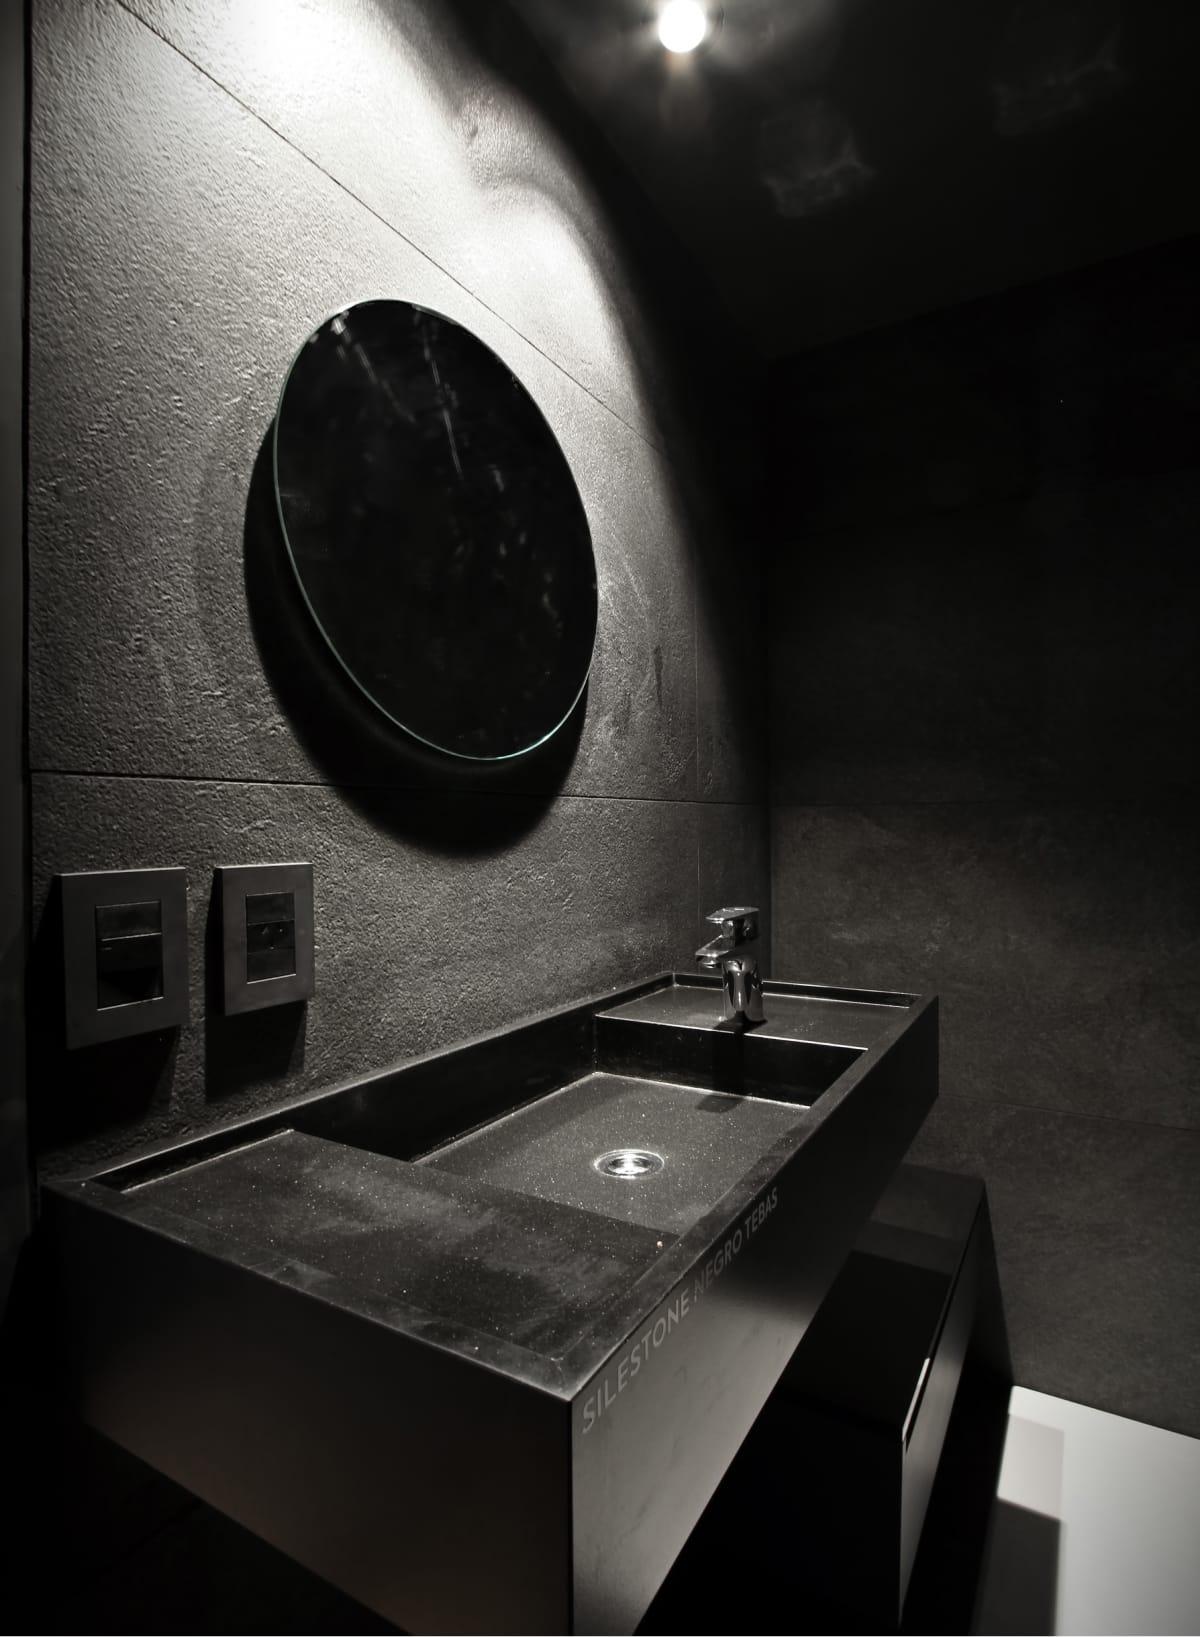 Las placas revestimiento, cada vez más grandes (Vite Porcellanato, colección Piedras Rocca Black, de 0,60 x 1,20 m)